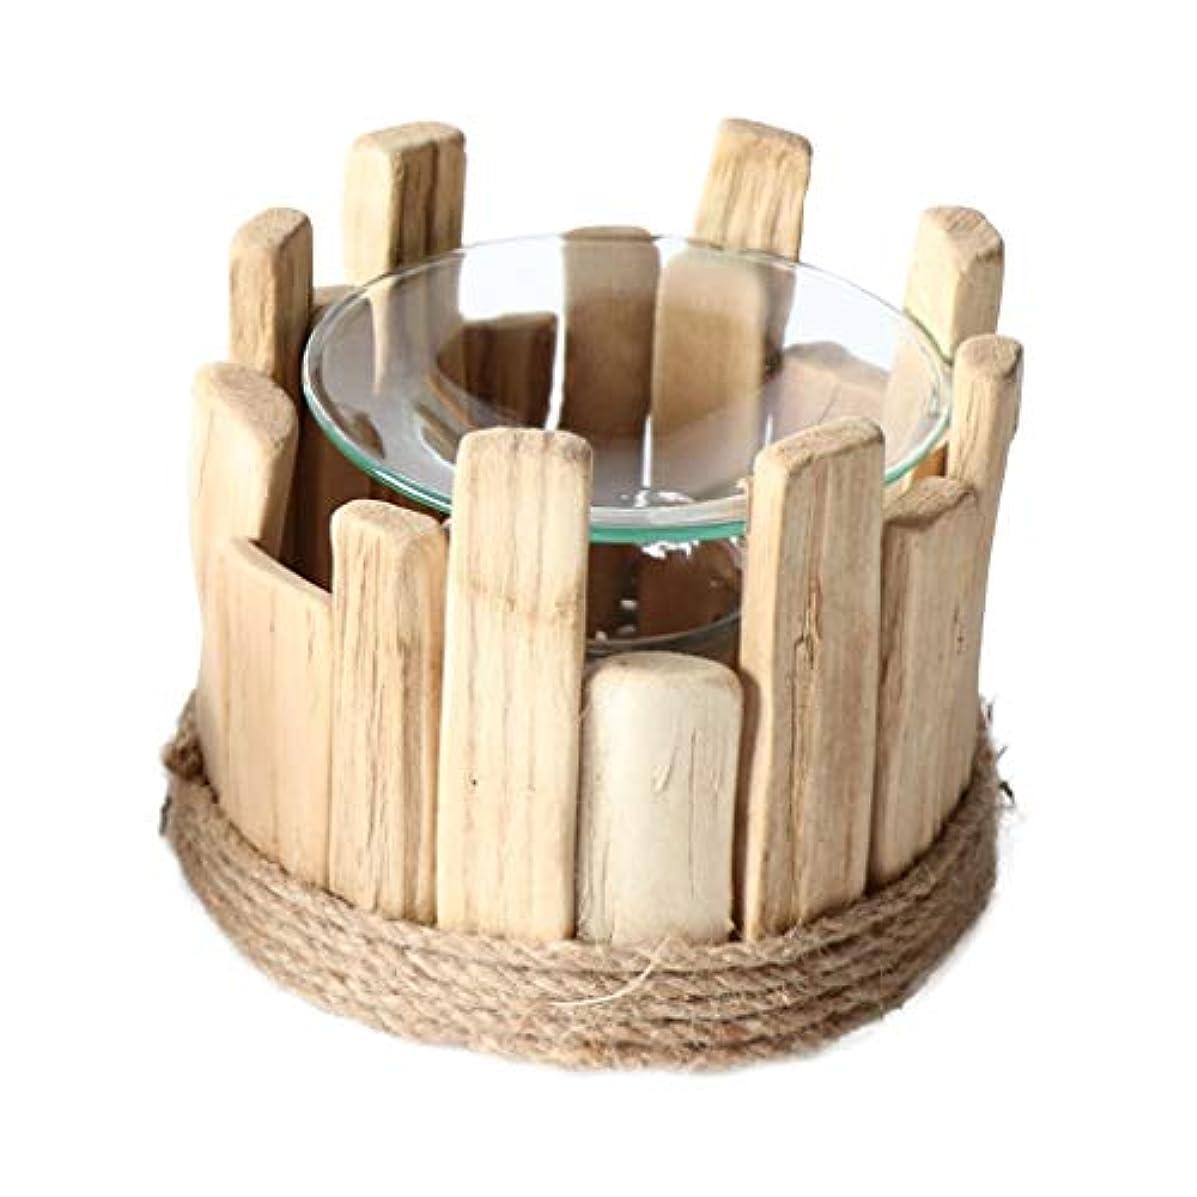 文庫本生き返らせる刈る家庭用木材香ホルダーエッセンシャルオイルアロマ燭台香バーナー寝室アロマセラピー炉香バーナーホルダー (Color : C)